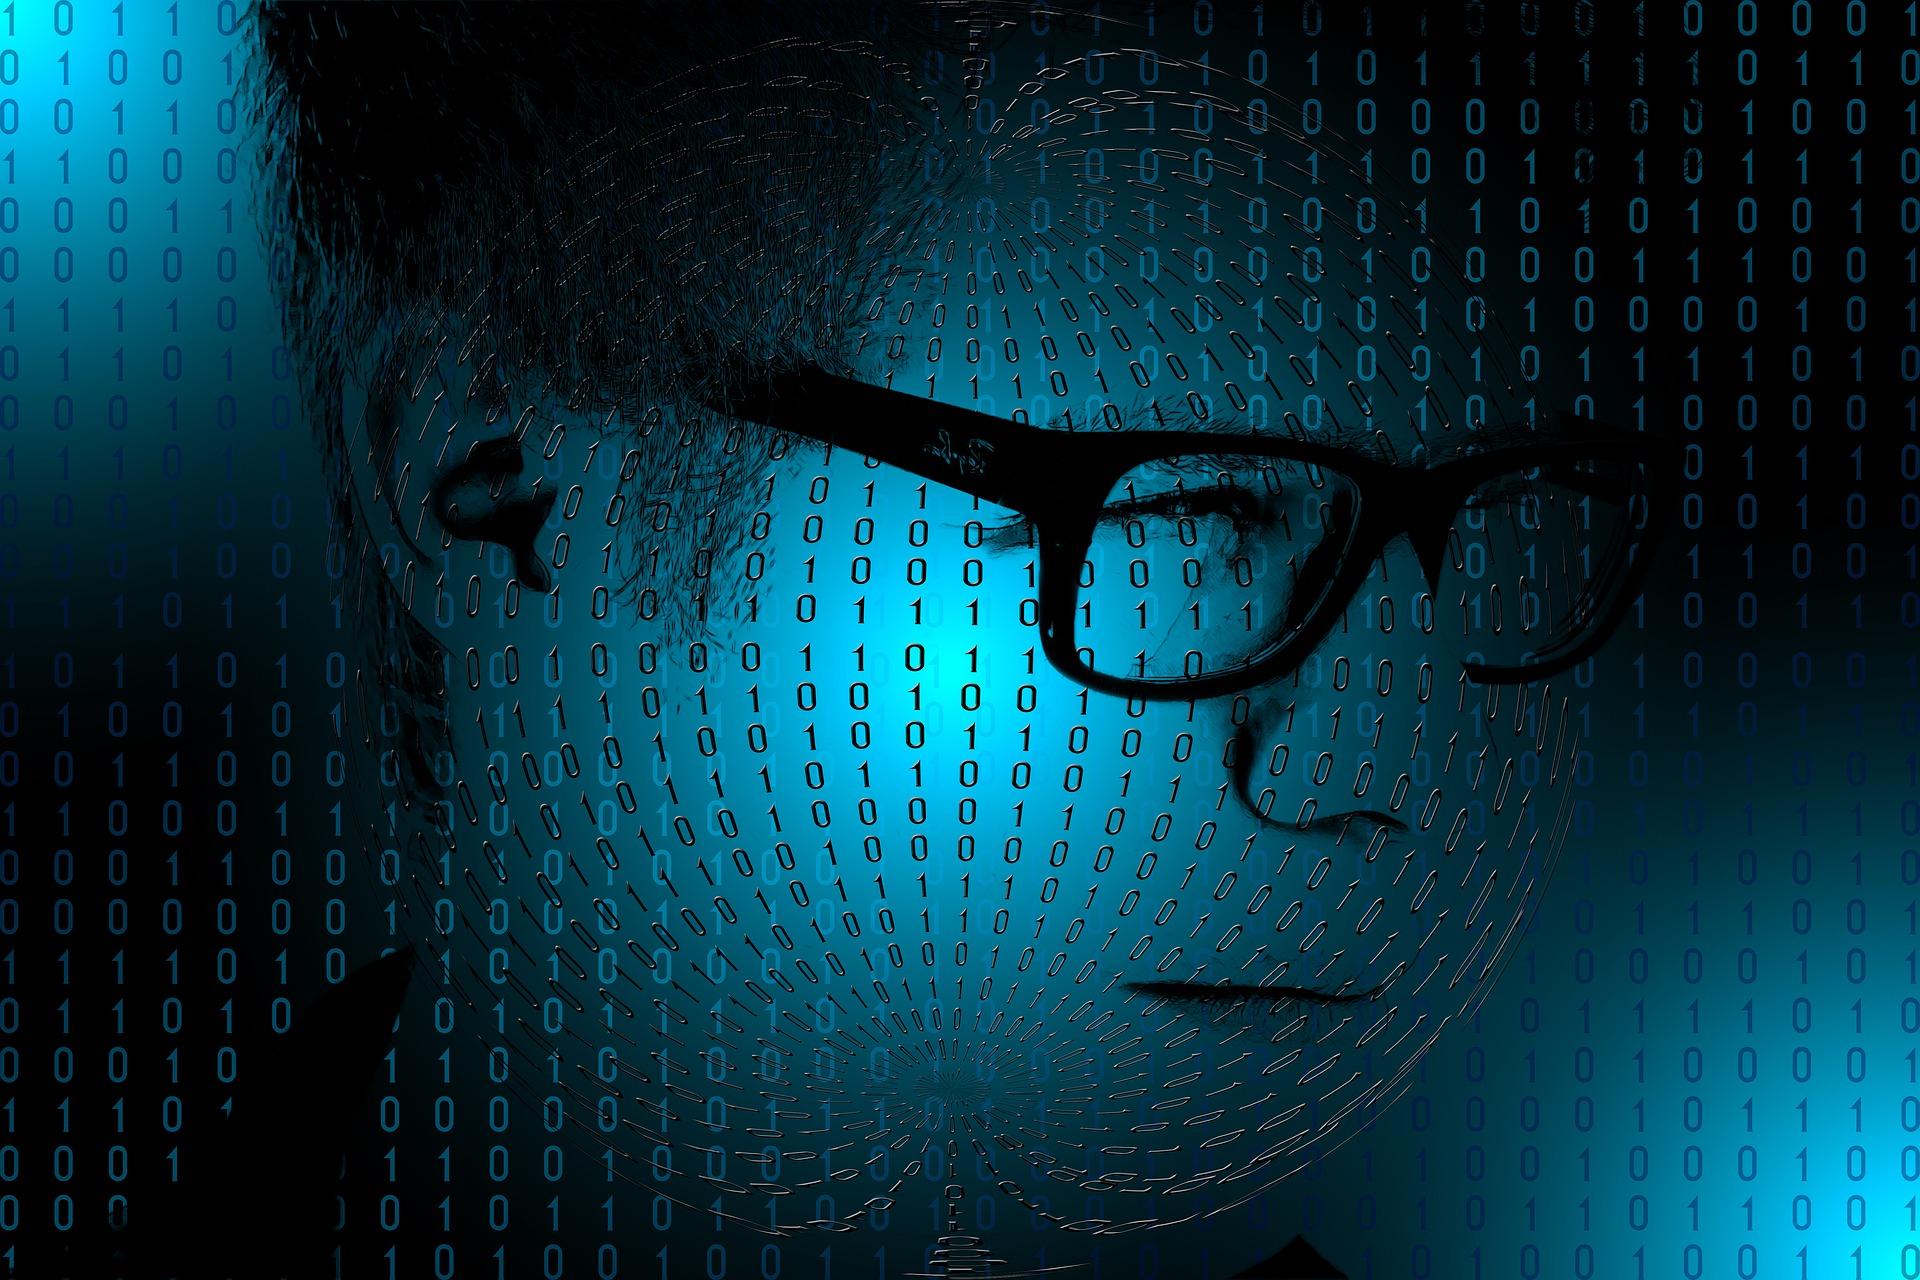 Знаний дослідник перелічив виклики перед аналітиками великих даних